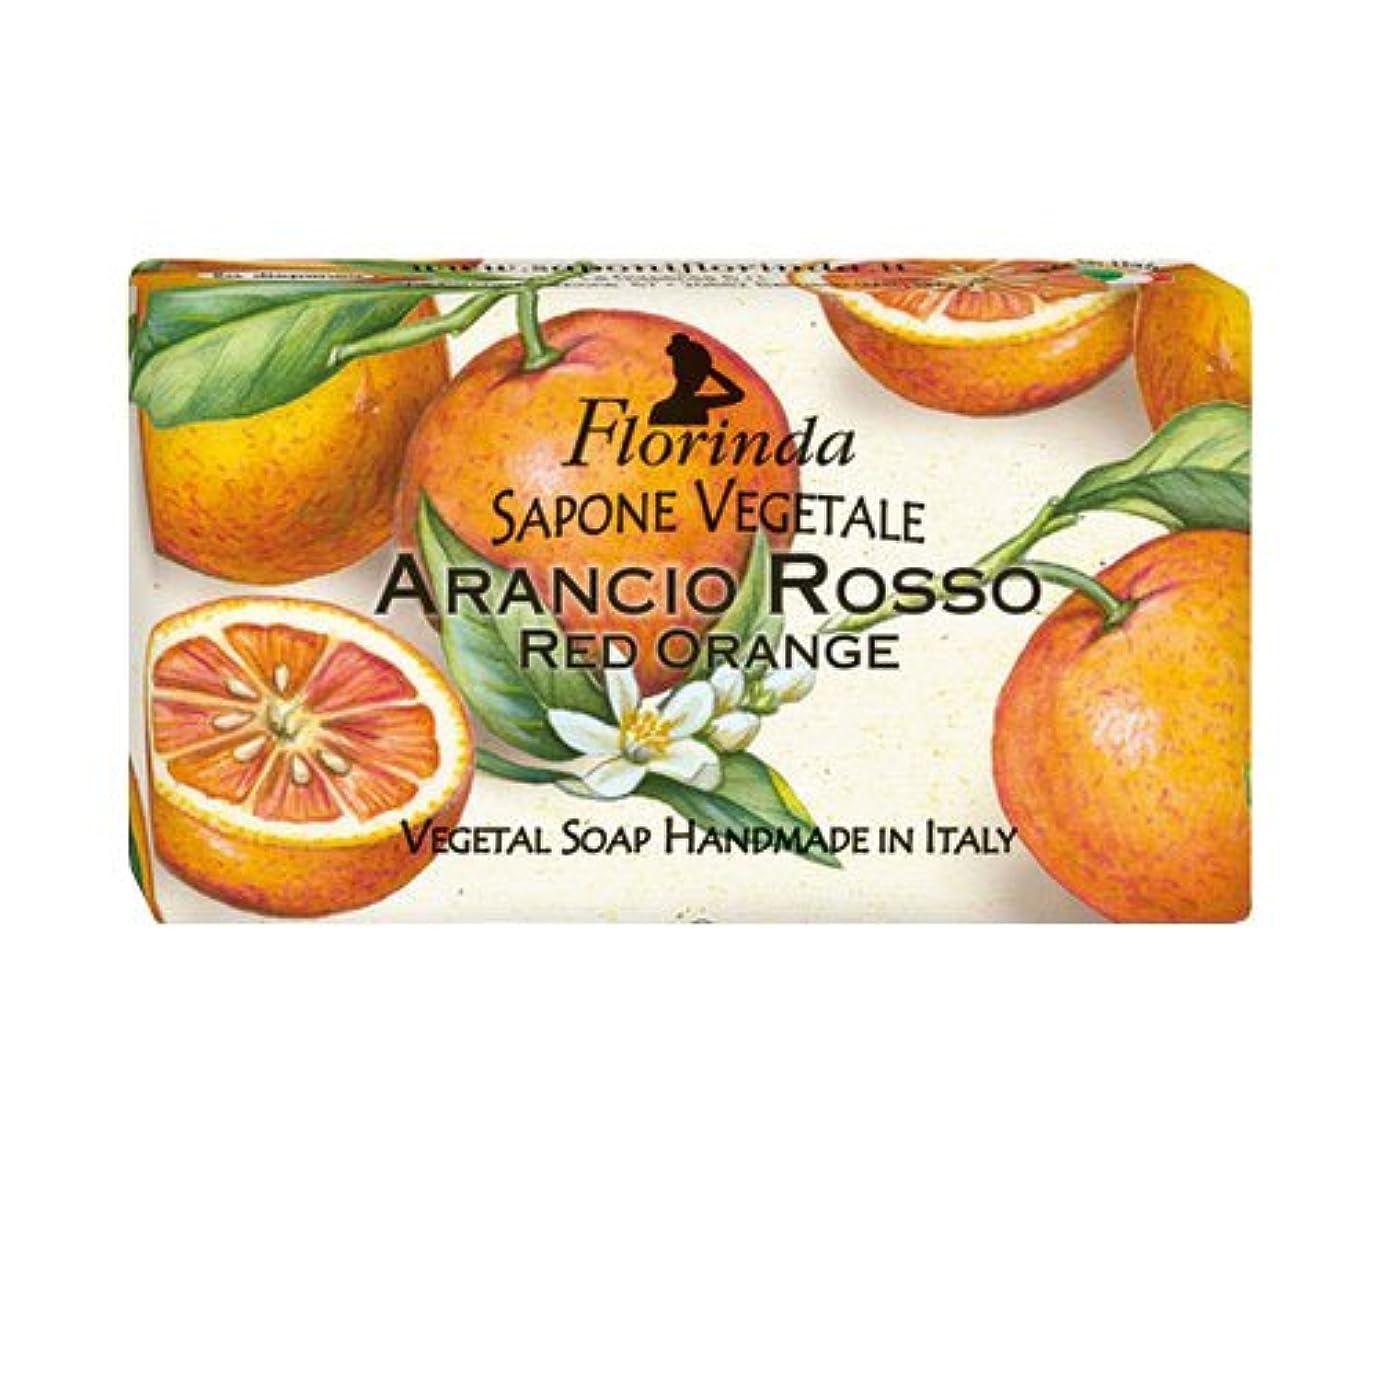 損傷原告水っぽいフロリンダ フレグランスソープ フルーツ レッドオレンジ 95g